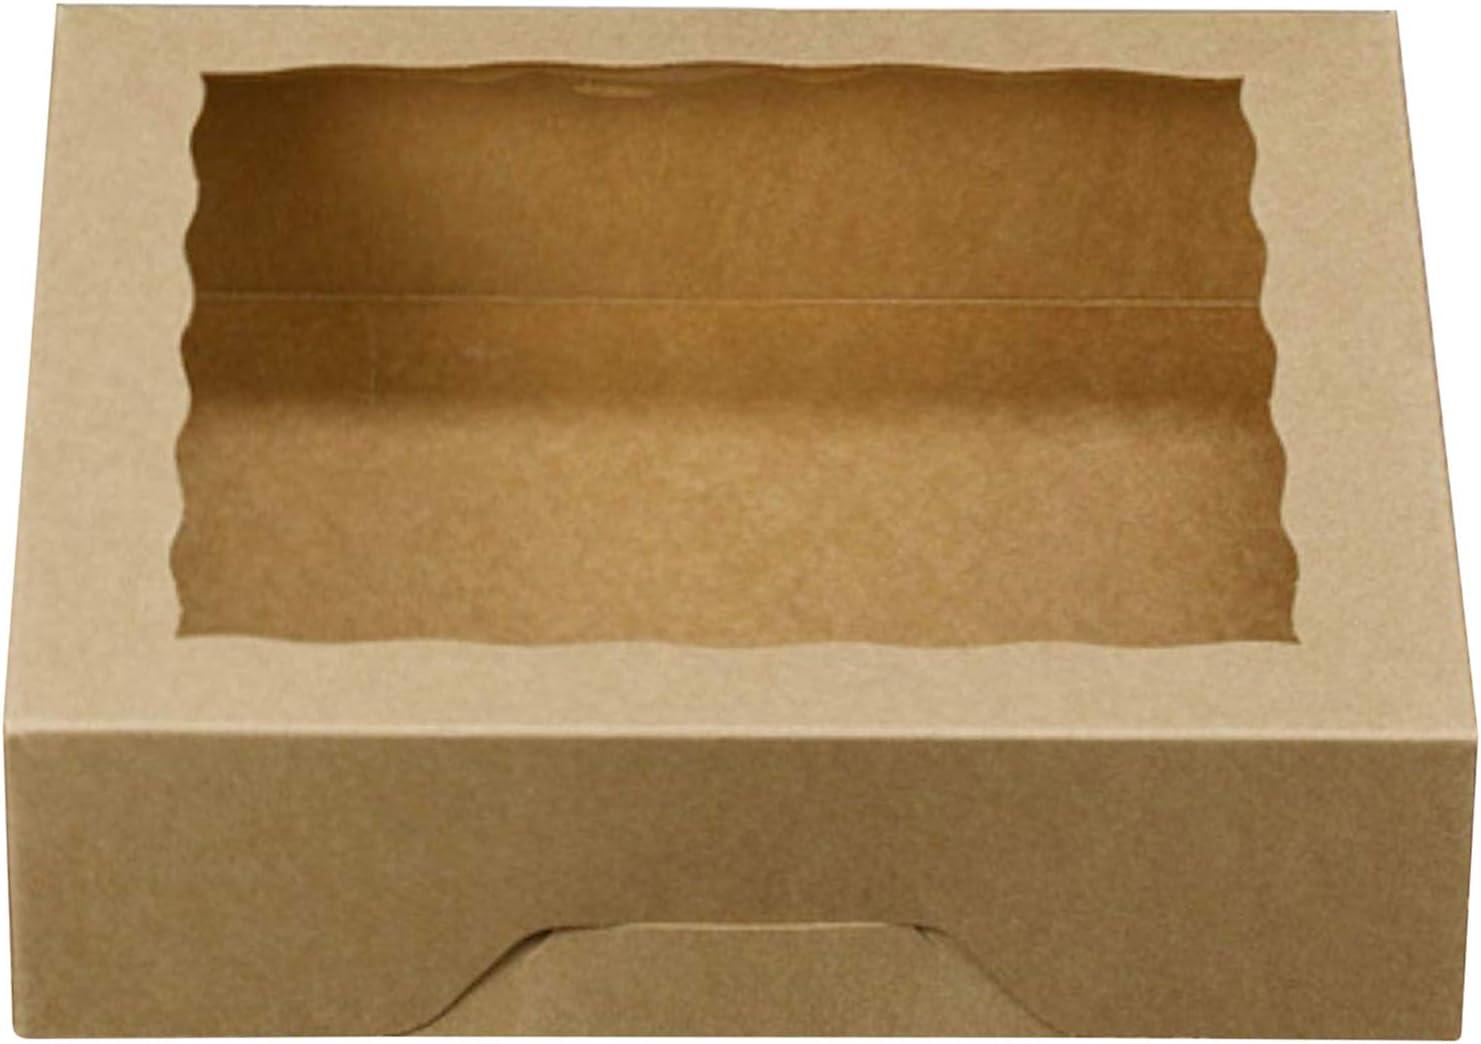 One More - Cajas de papel kraft para tartas con ventanas de PVC, 25,4 x 25,4 x 6,3 cm, 12 unidades, color marrón: Amazon.es: Hogar